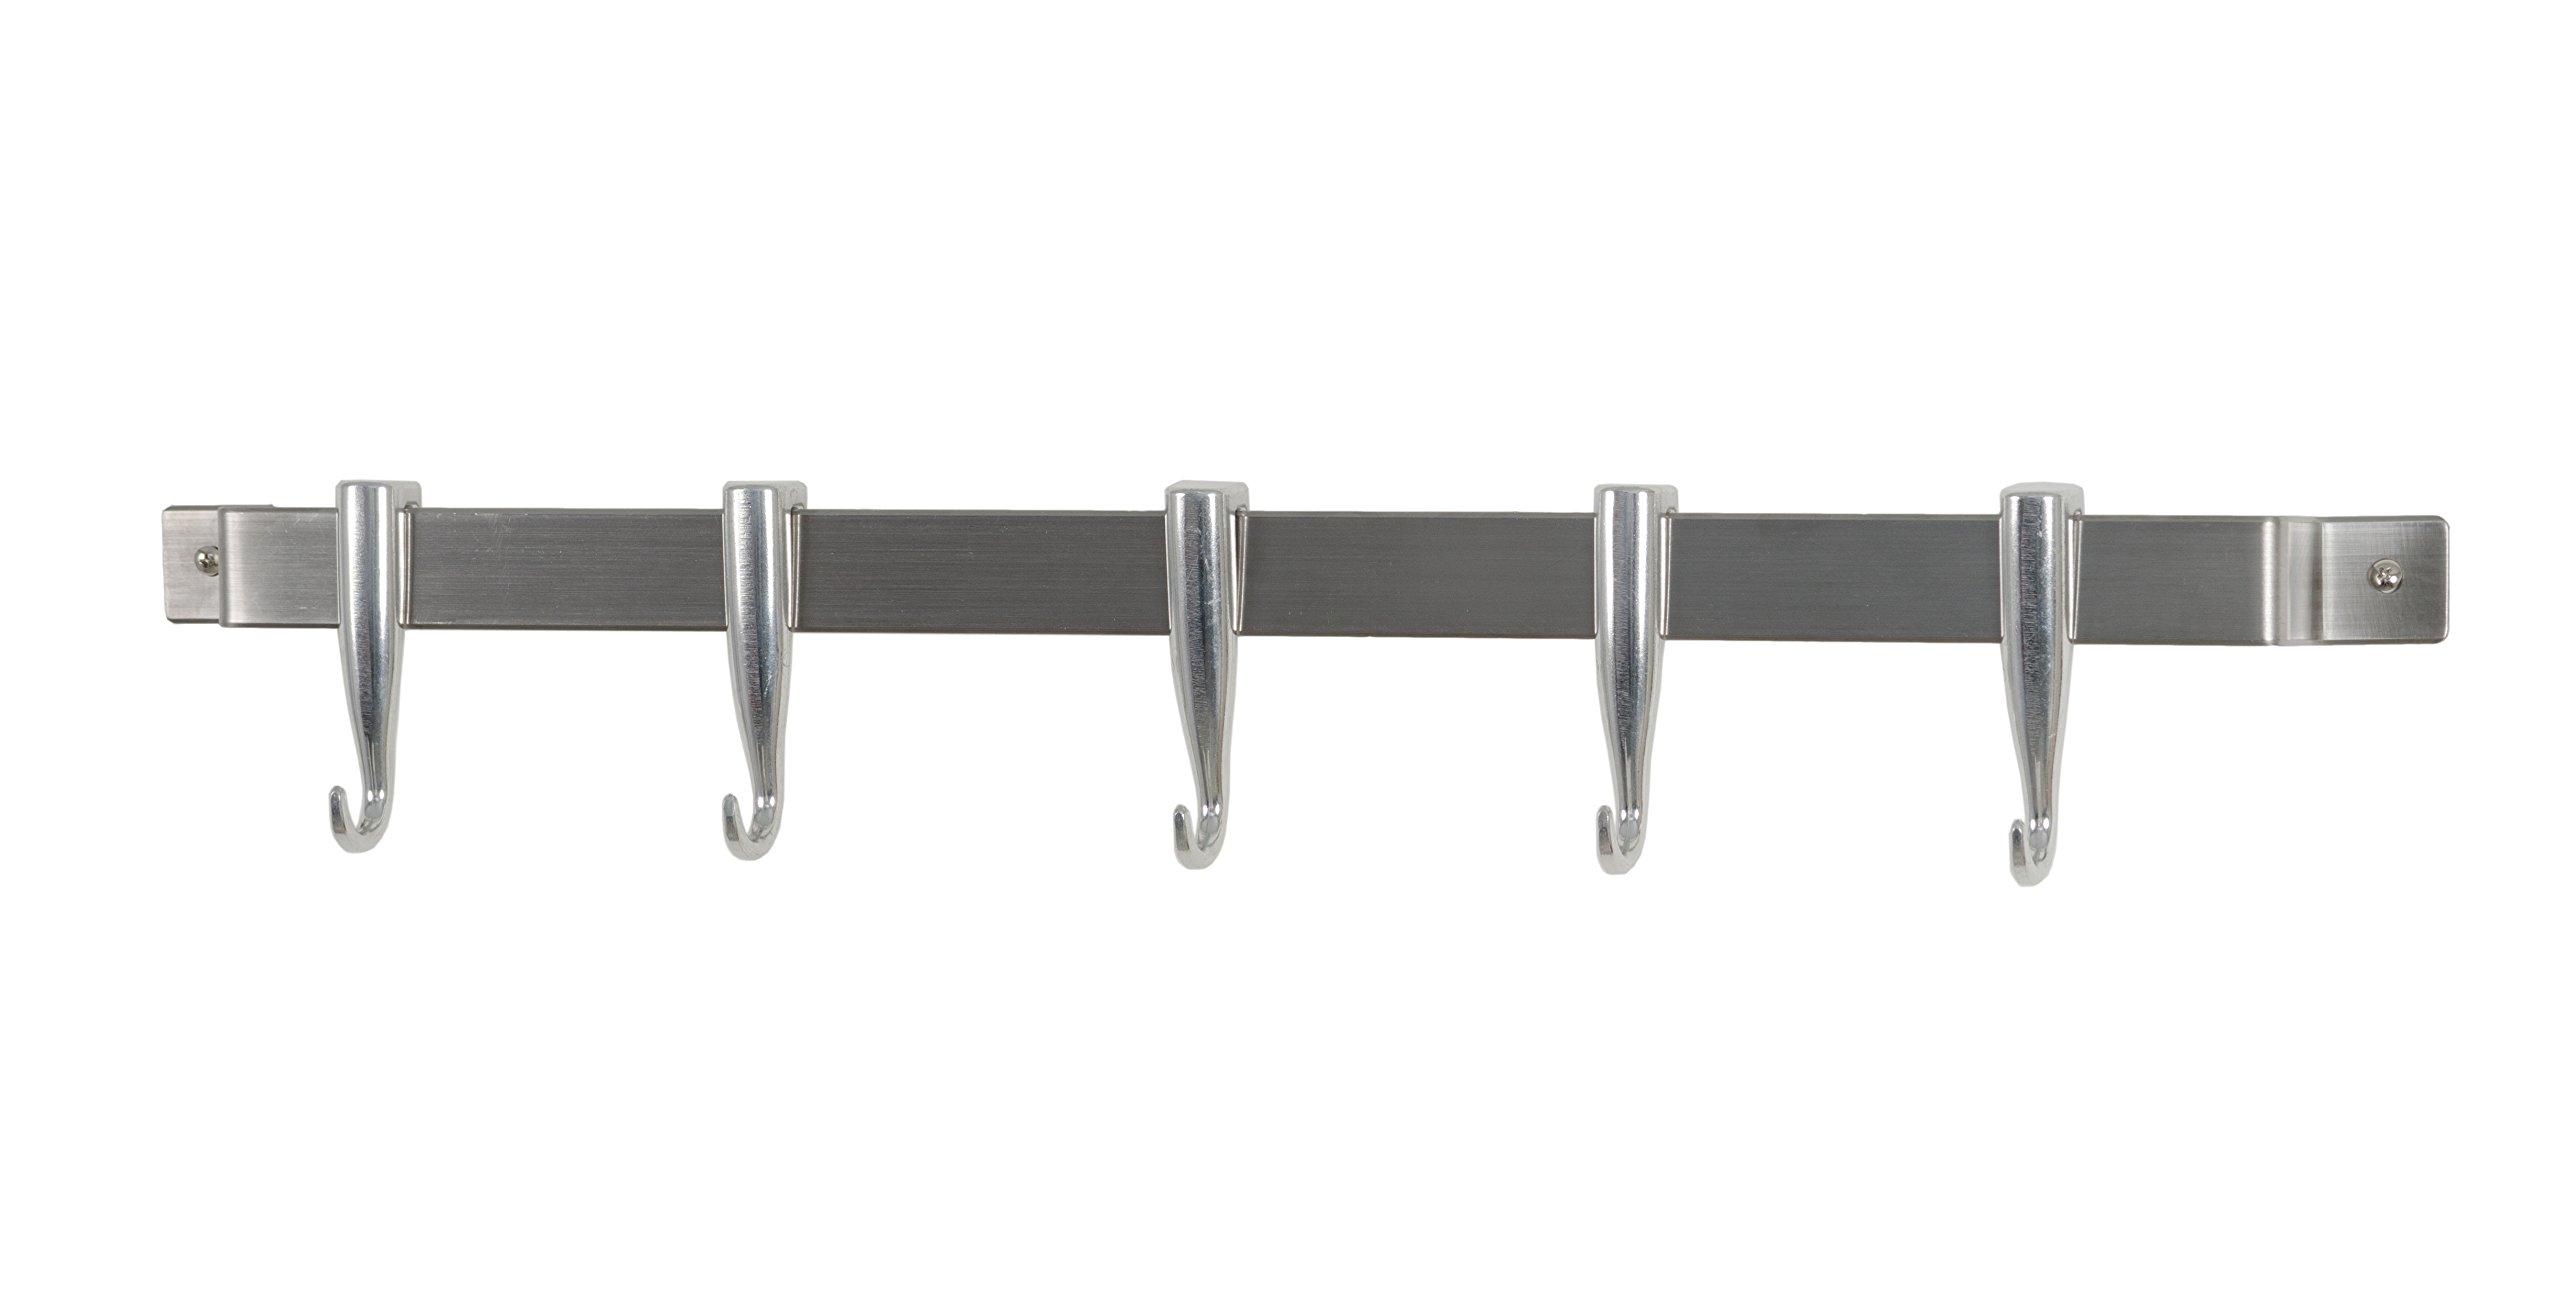 Concept Housewares Stainless Steel Utensil Rack Medium